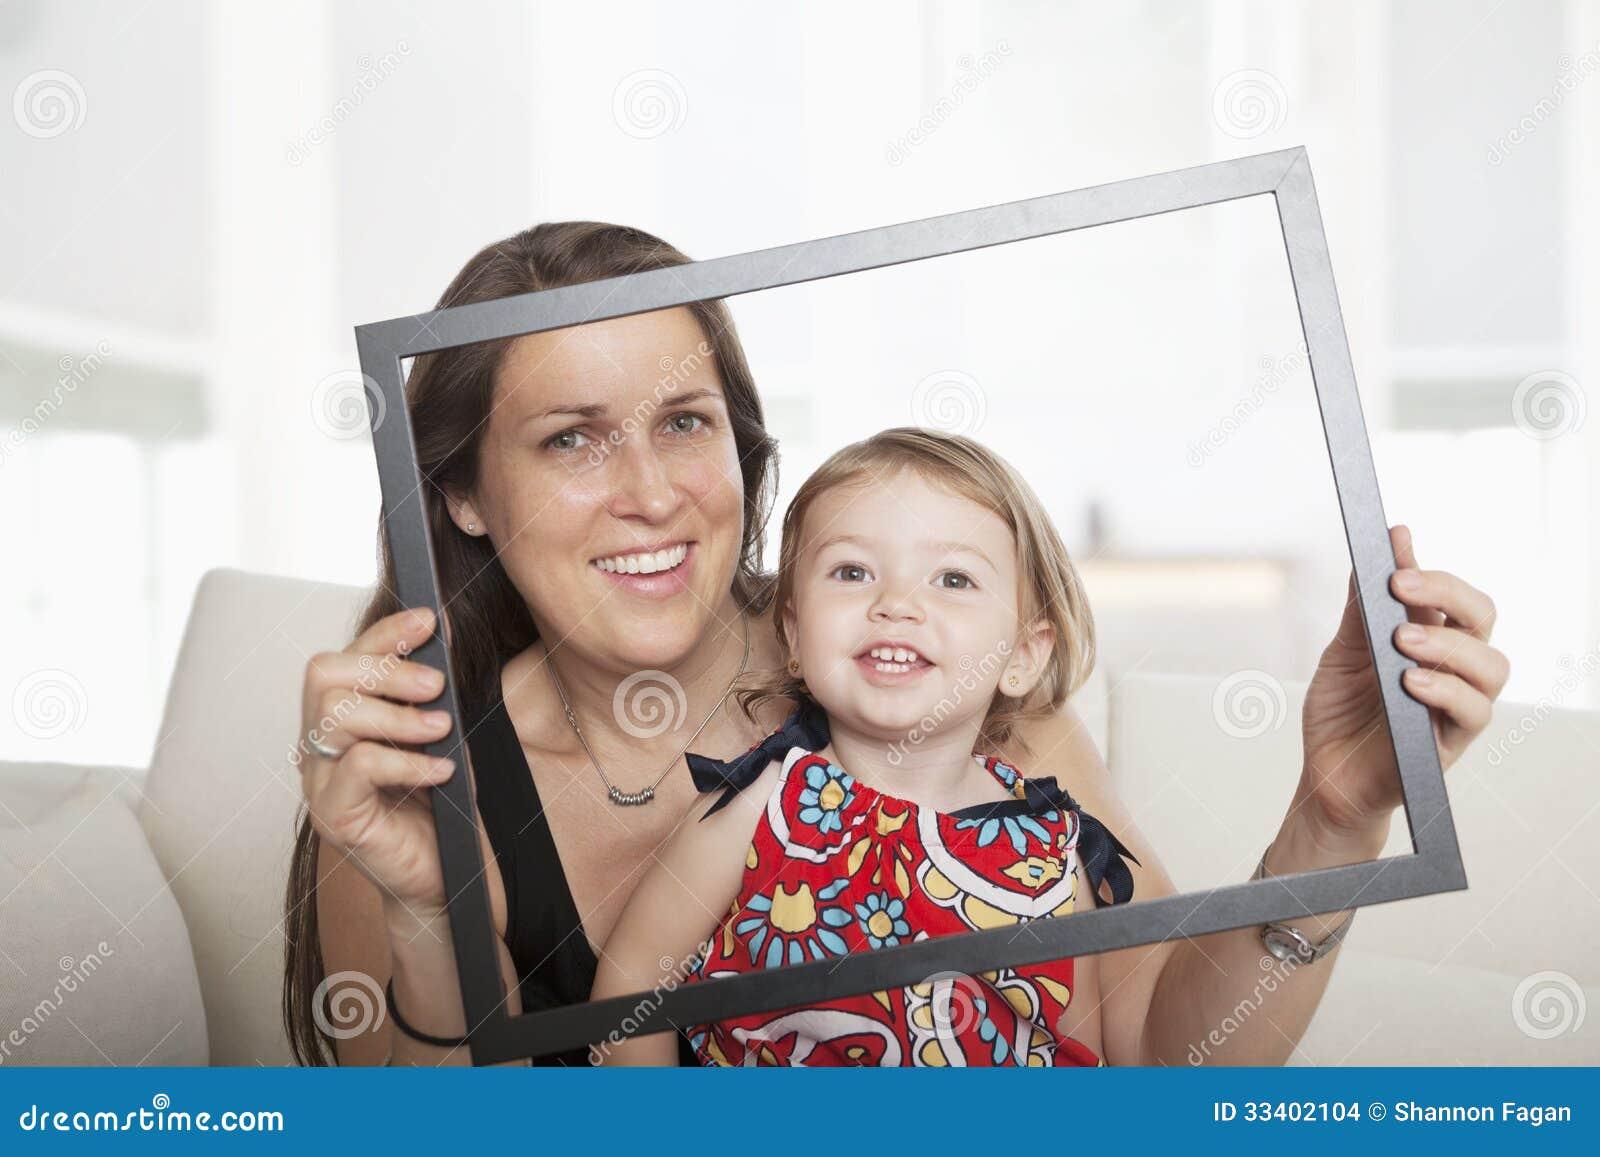 Atractivo Madre Marco Hija Bandera - Ideas Personalizadas de Marco ...